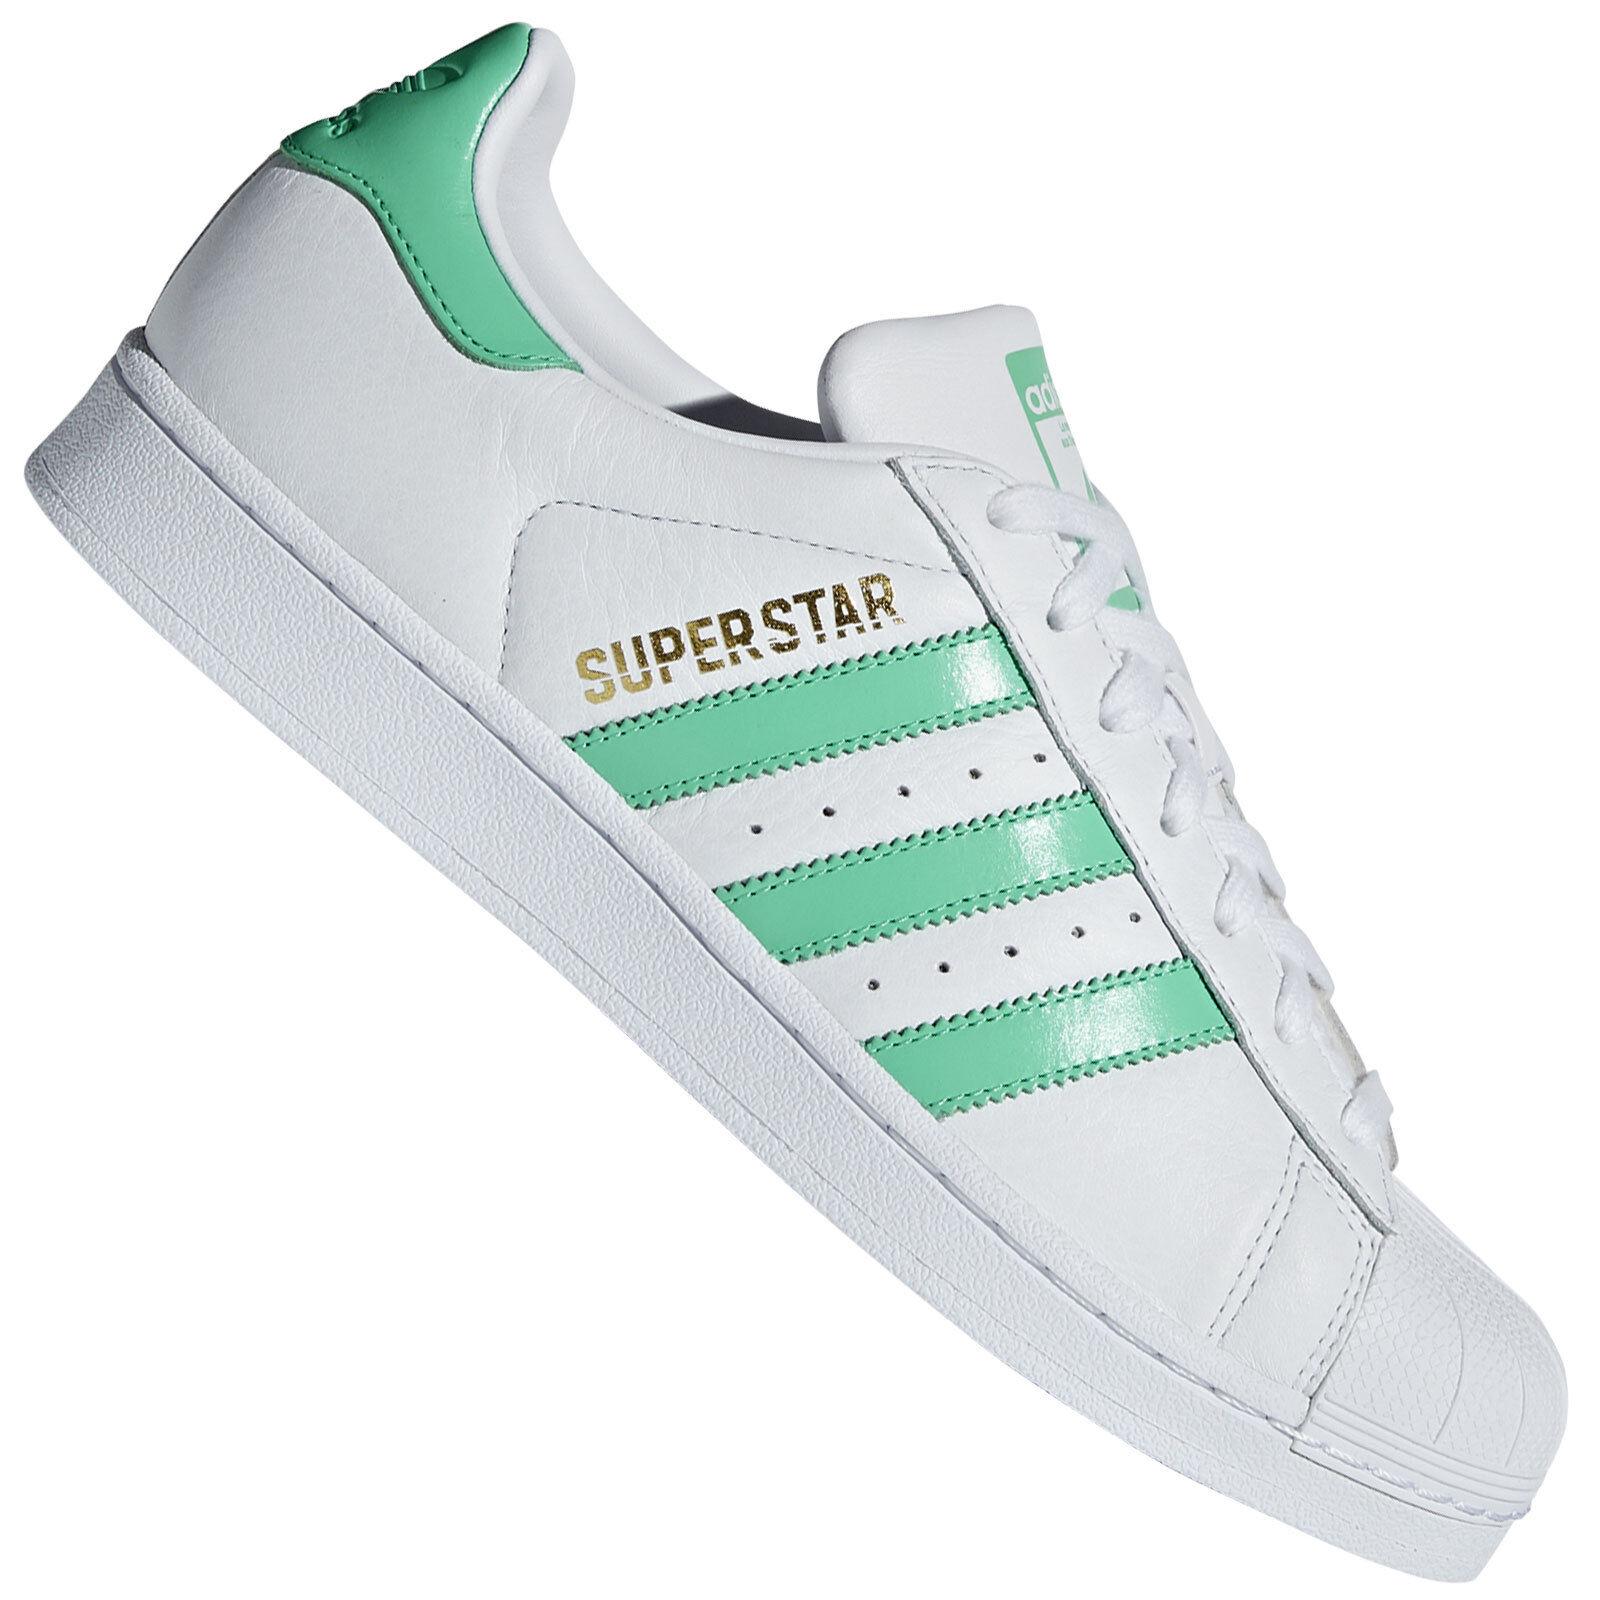 Adidas Originals Superstar Uomo scarpe da ginnastica Scarpe da Ginnastica Bianche Hi-Res